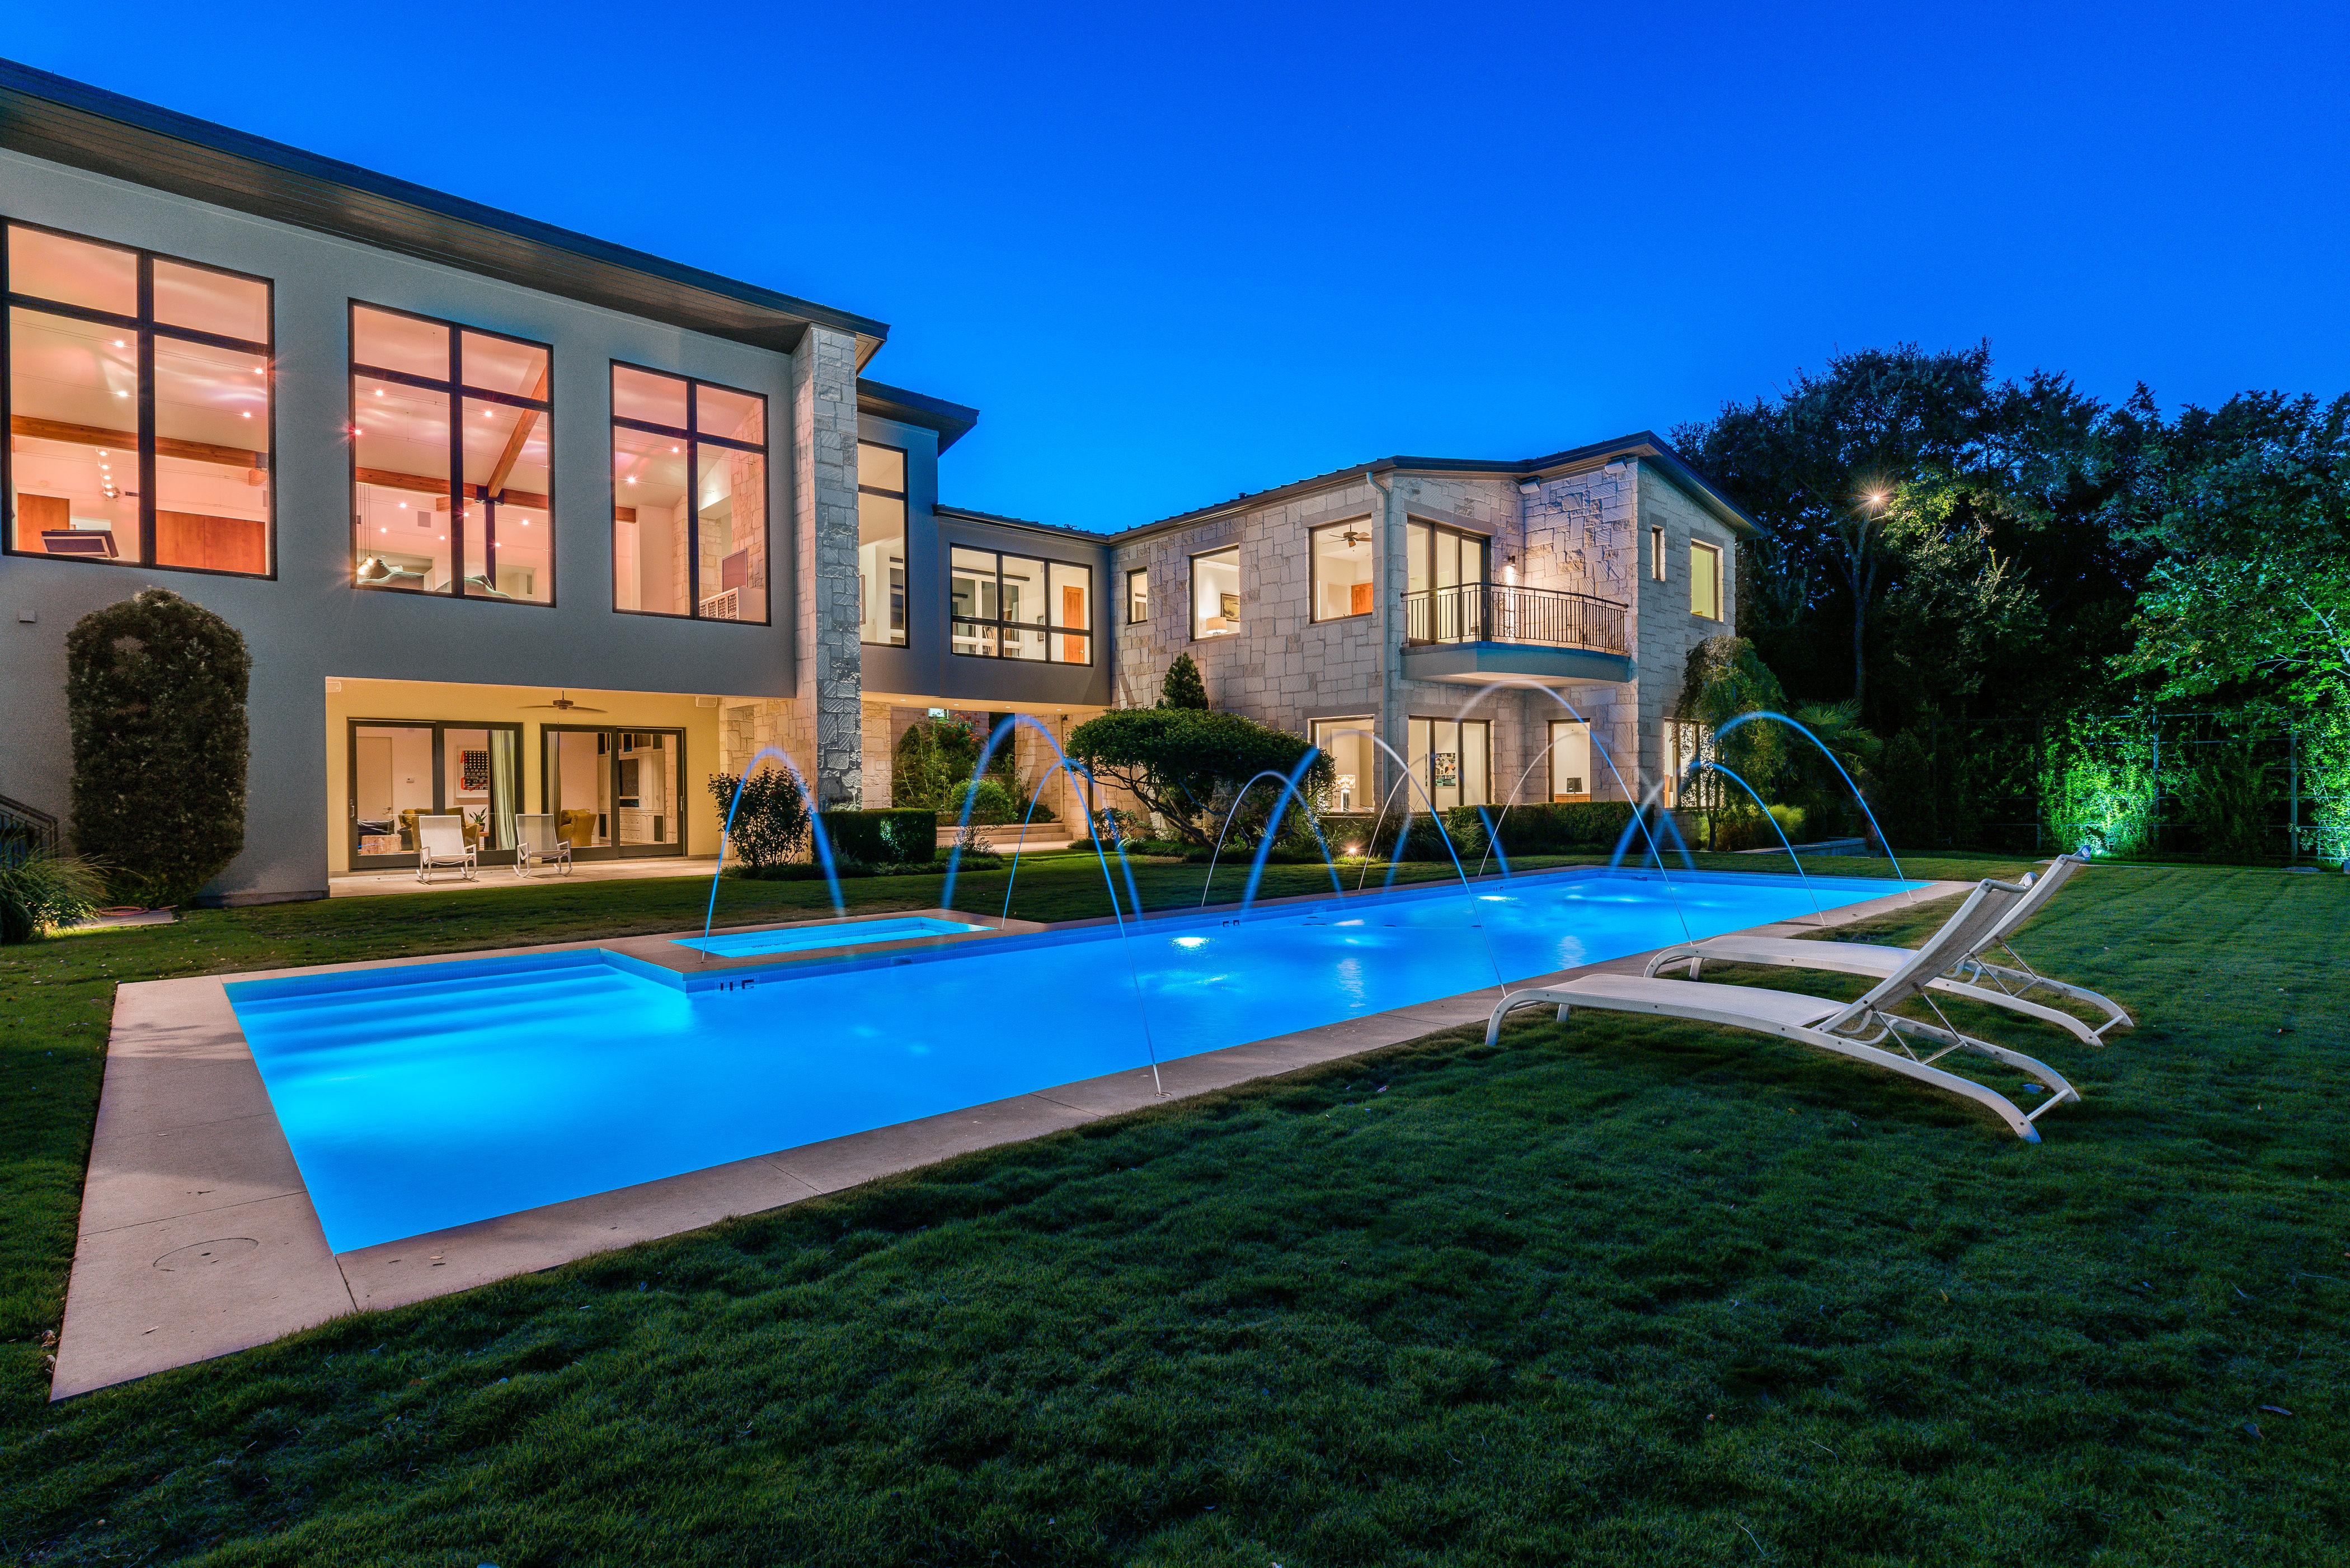 Casa para uma família para Venda às One-of-a-Kind Home on 1.63 Acres and City Views 102 Skyline Dr Austin, Texas 78746 Estados Unidos